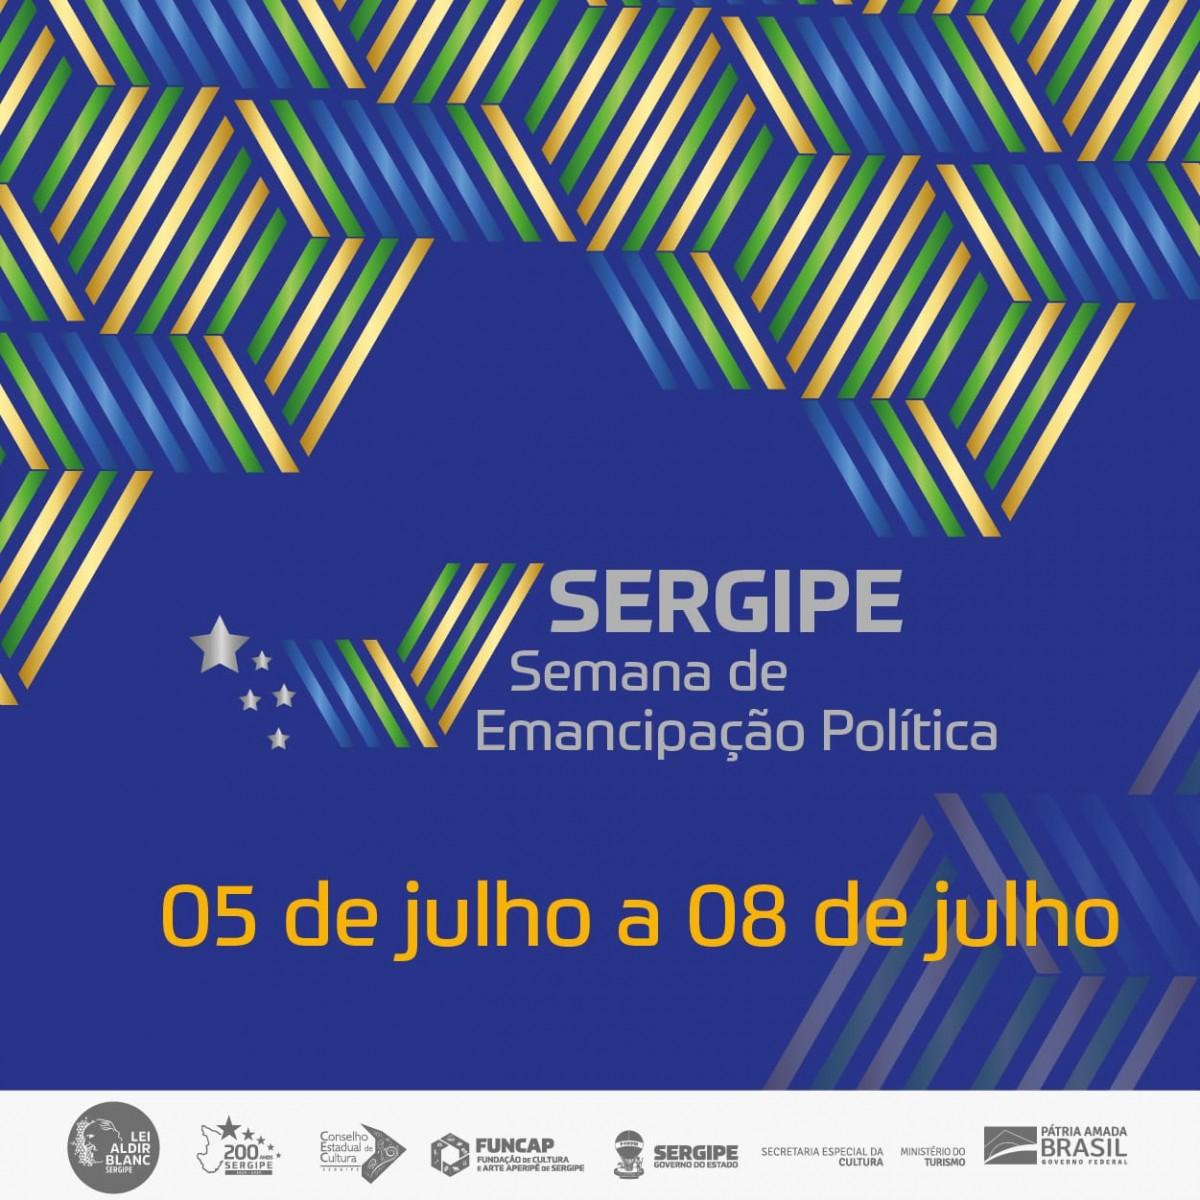 Funcap lança programação especial de Emancipação Política de Sergipe (Imagem: Divulgação)